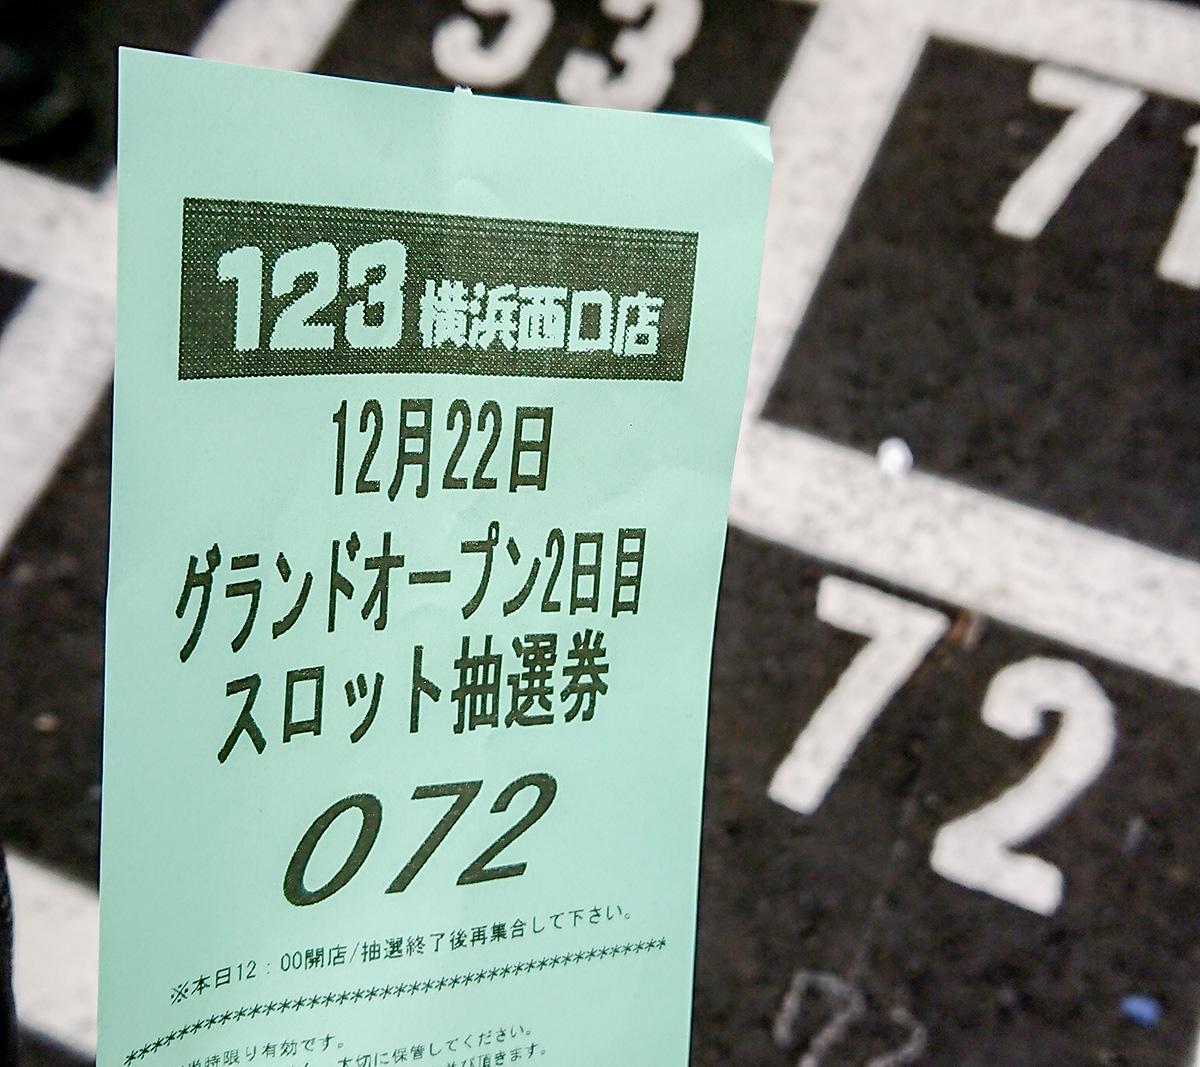 123横浜西口